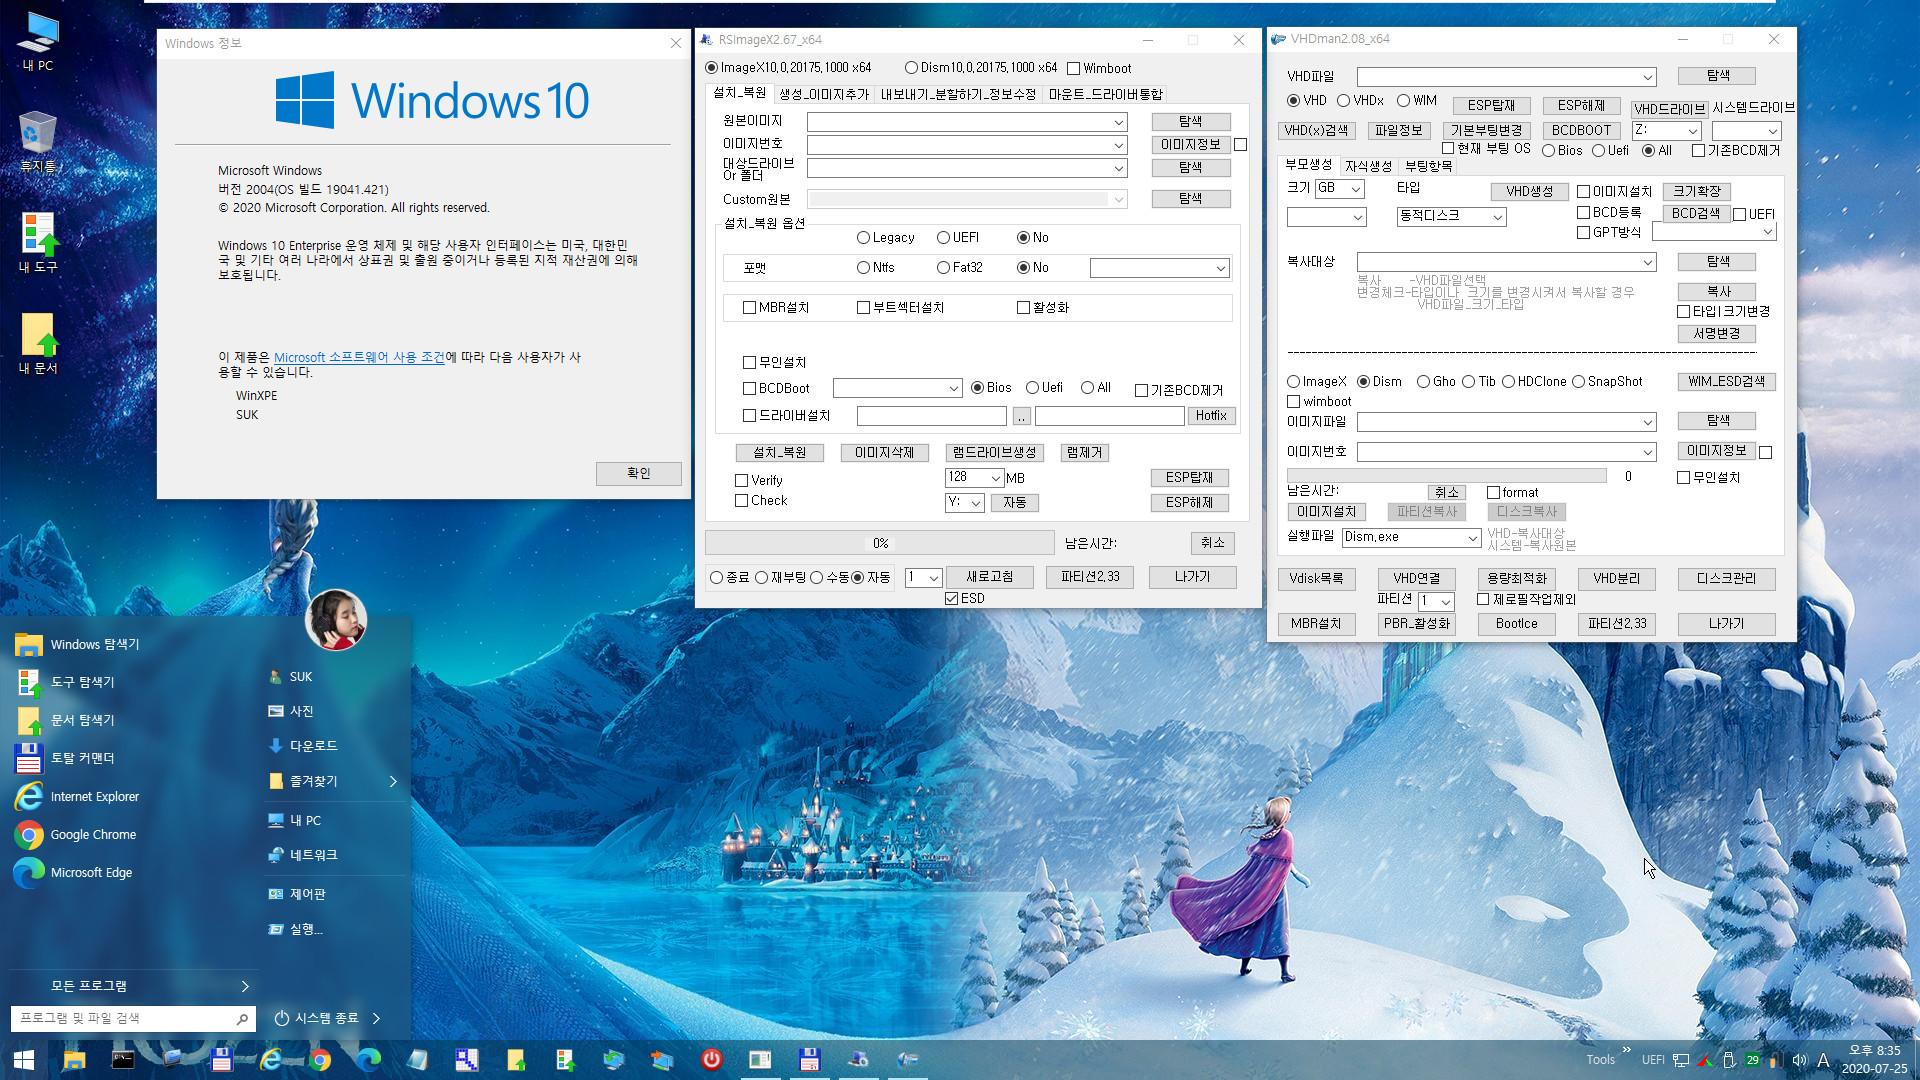 Win10XPE77으로 PE 만들기 테스트 - Windows 10 버전 2004, 19041.421 iso [uup를 iso로] - exe 실행 오류가 없네요 - 드디어 원인 발견 2020-07-25_203517.jpg